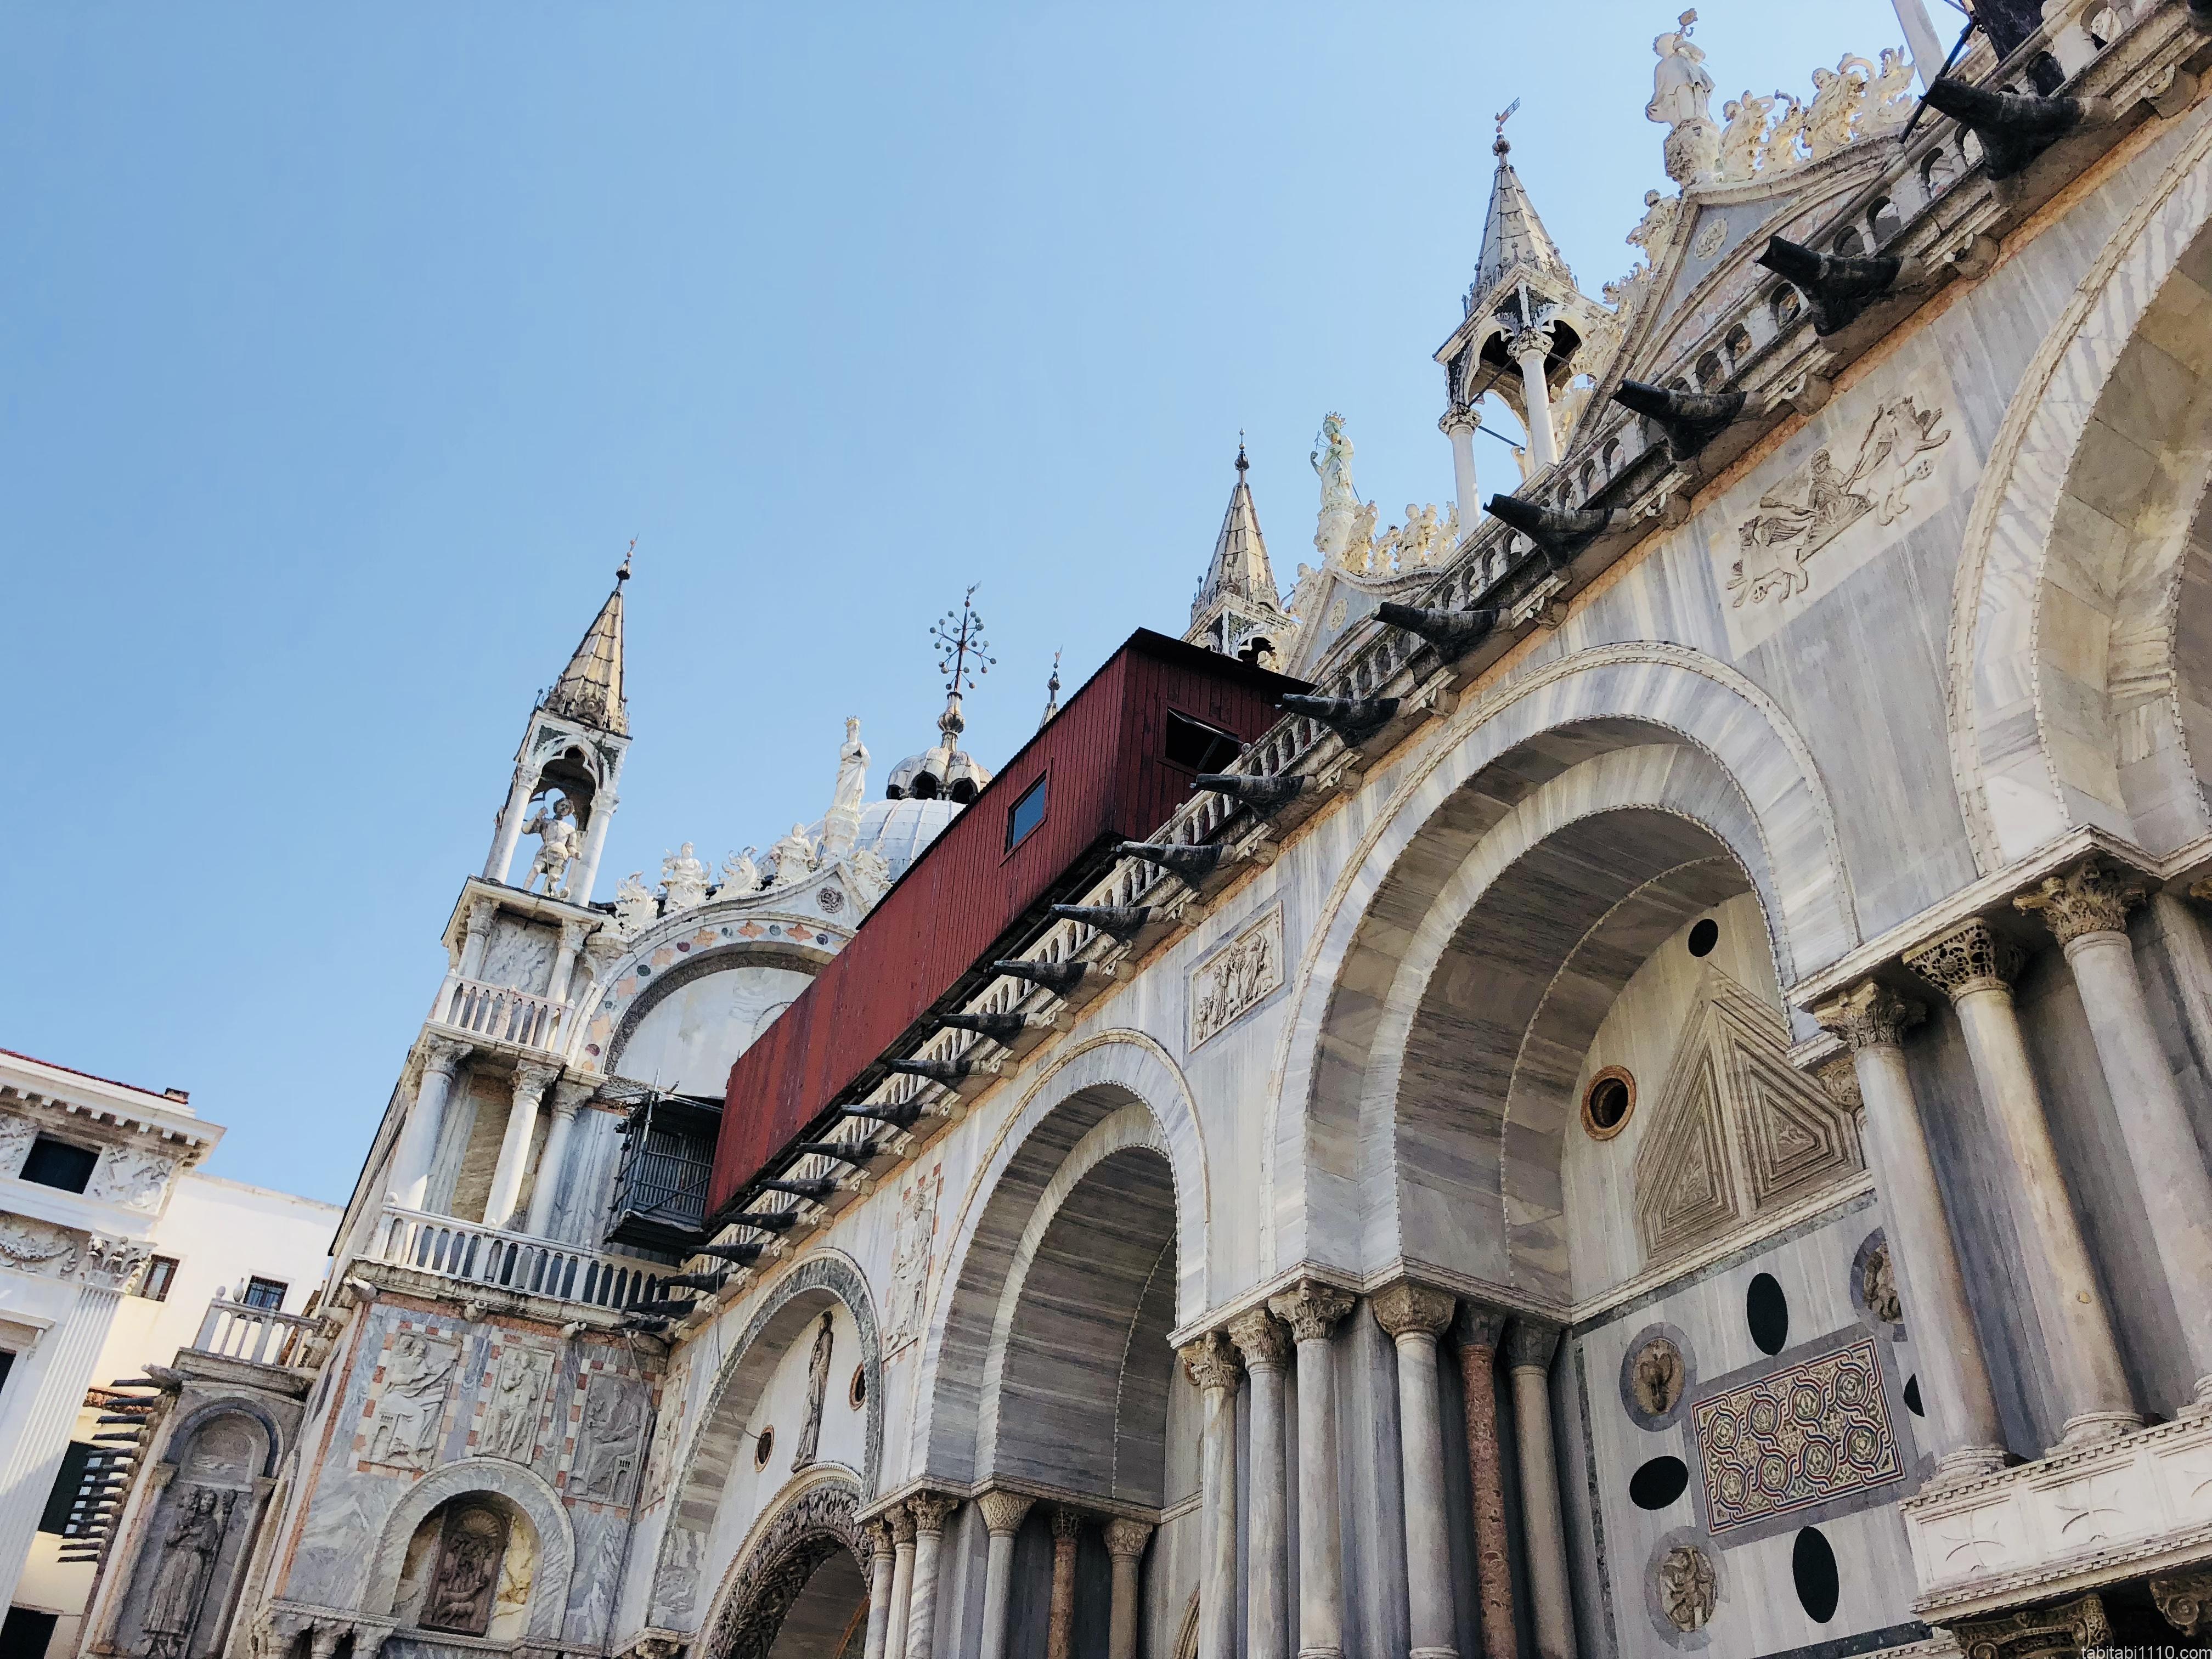 ヴェネチア|サンマルコ大聖堂